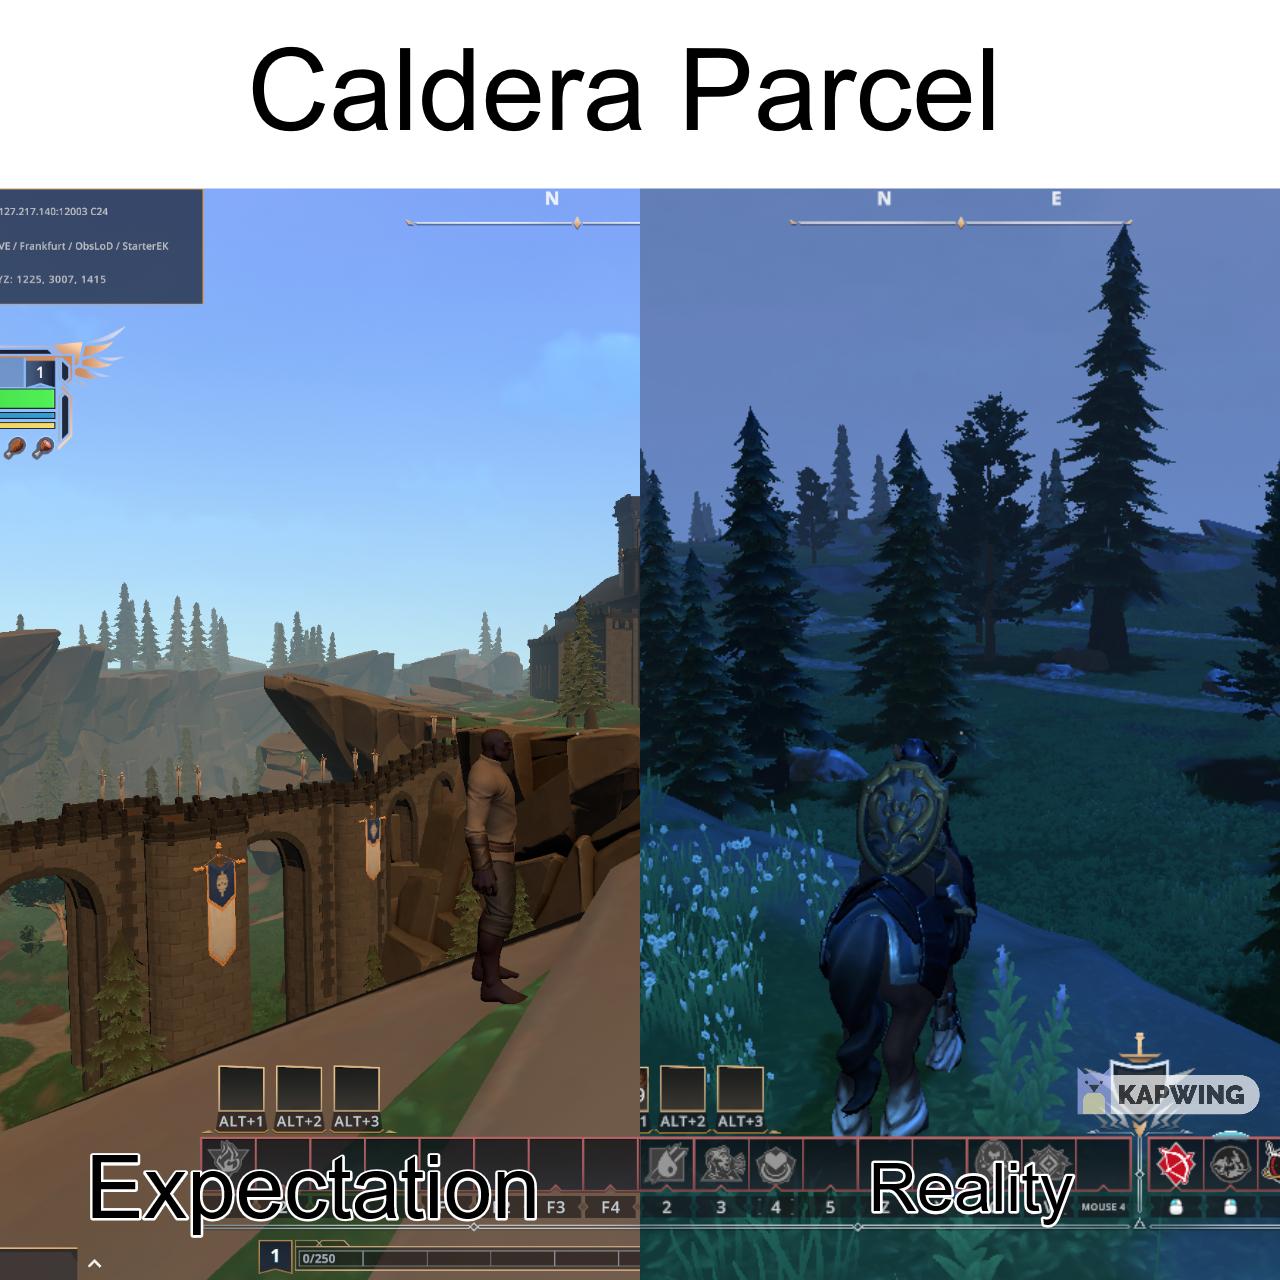 Expectation_vs._Reality_Meme_Template1.j